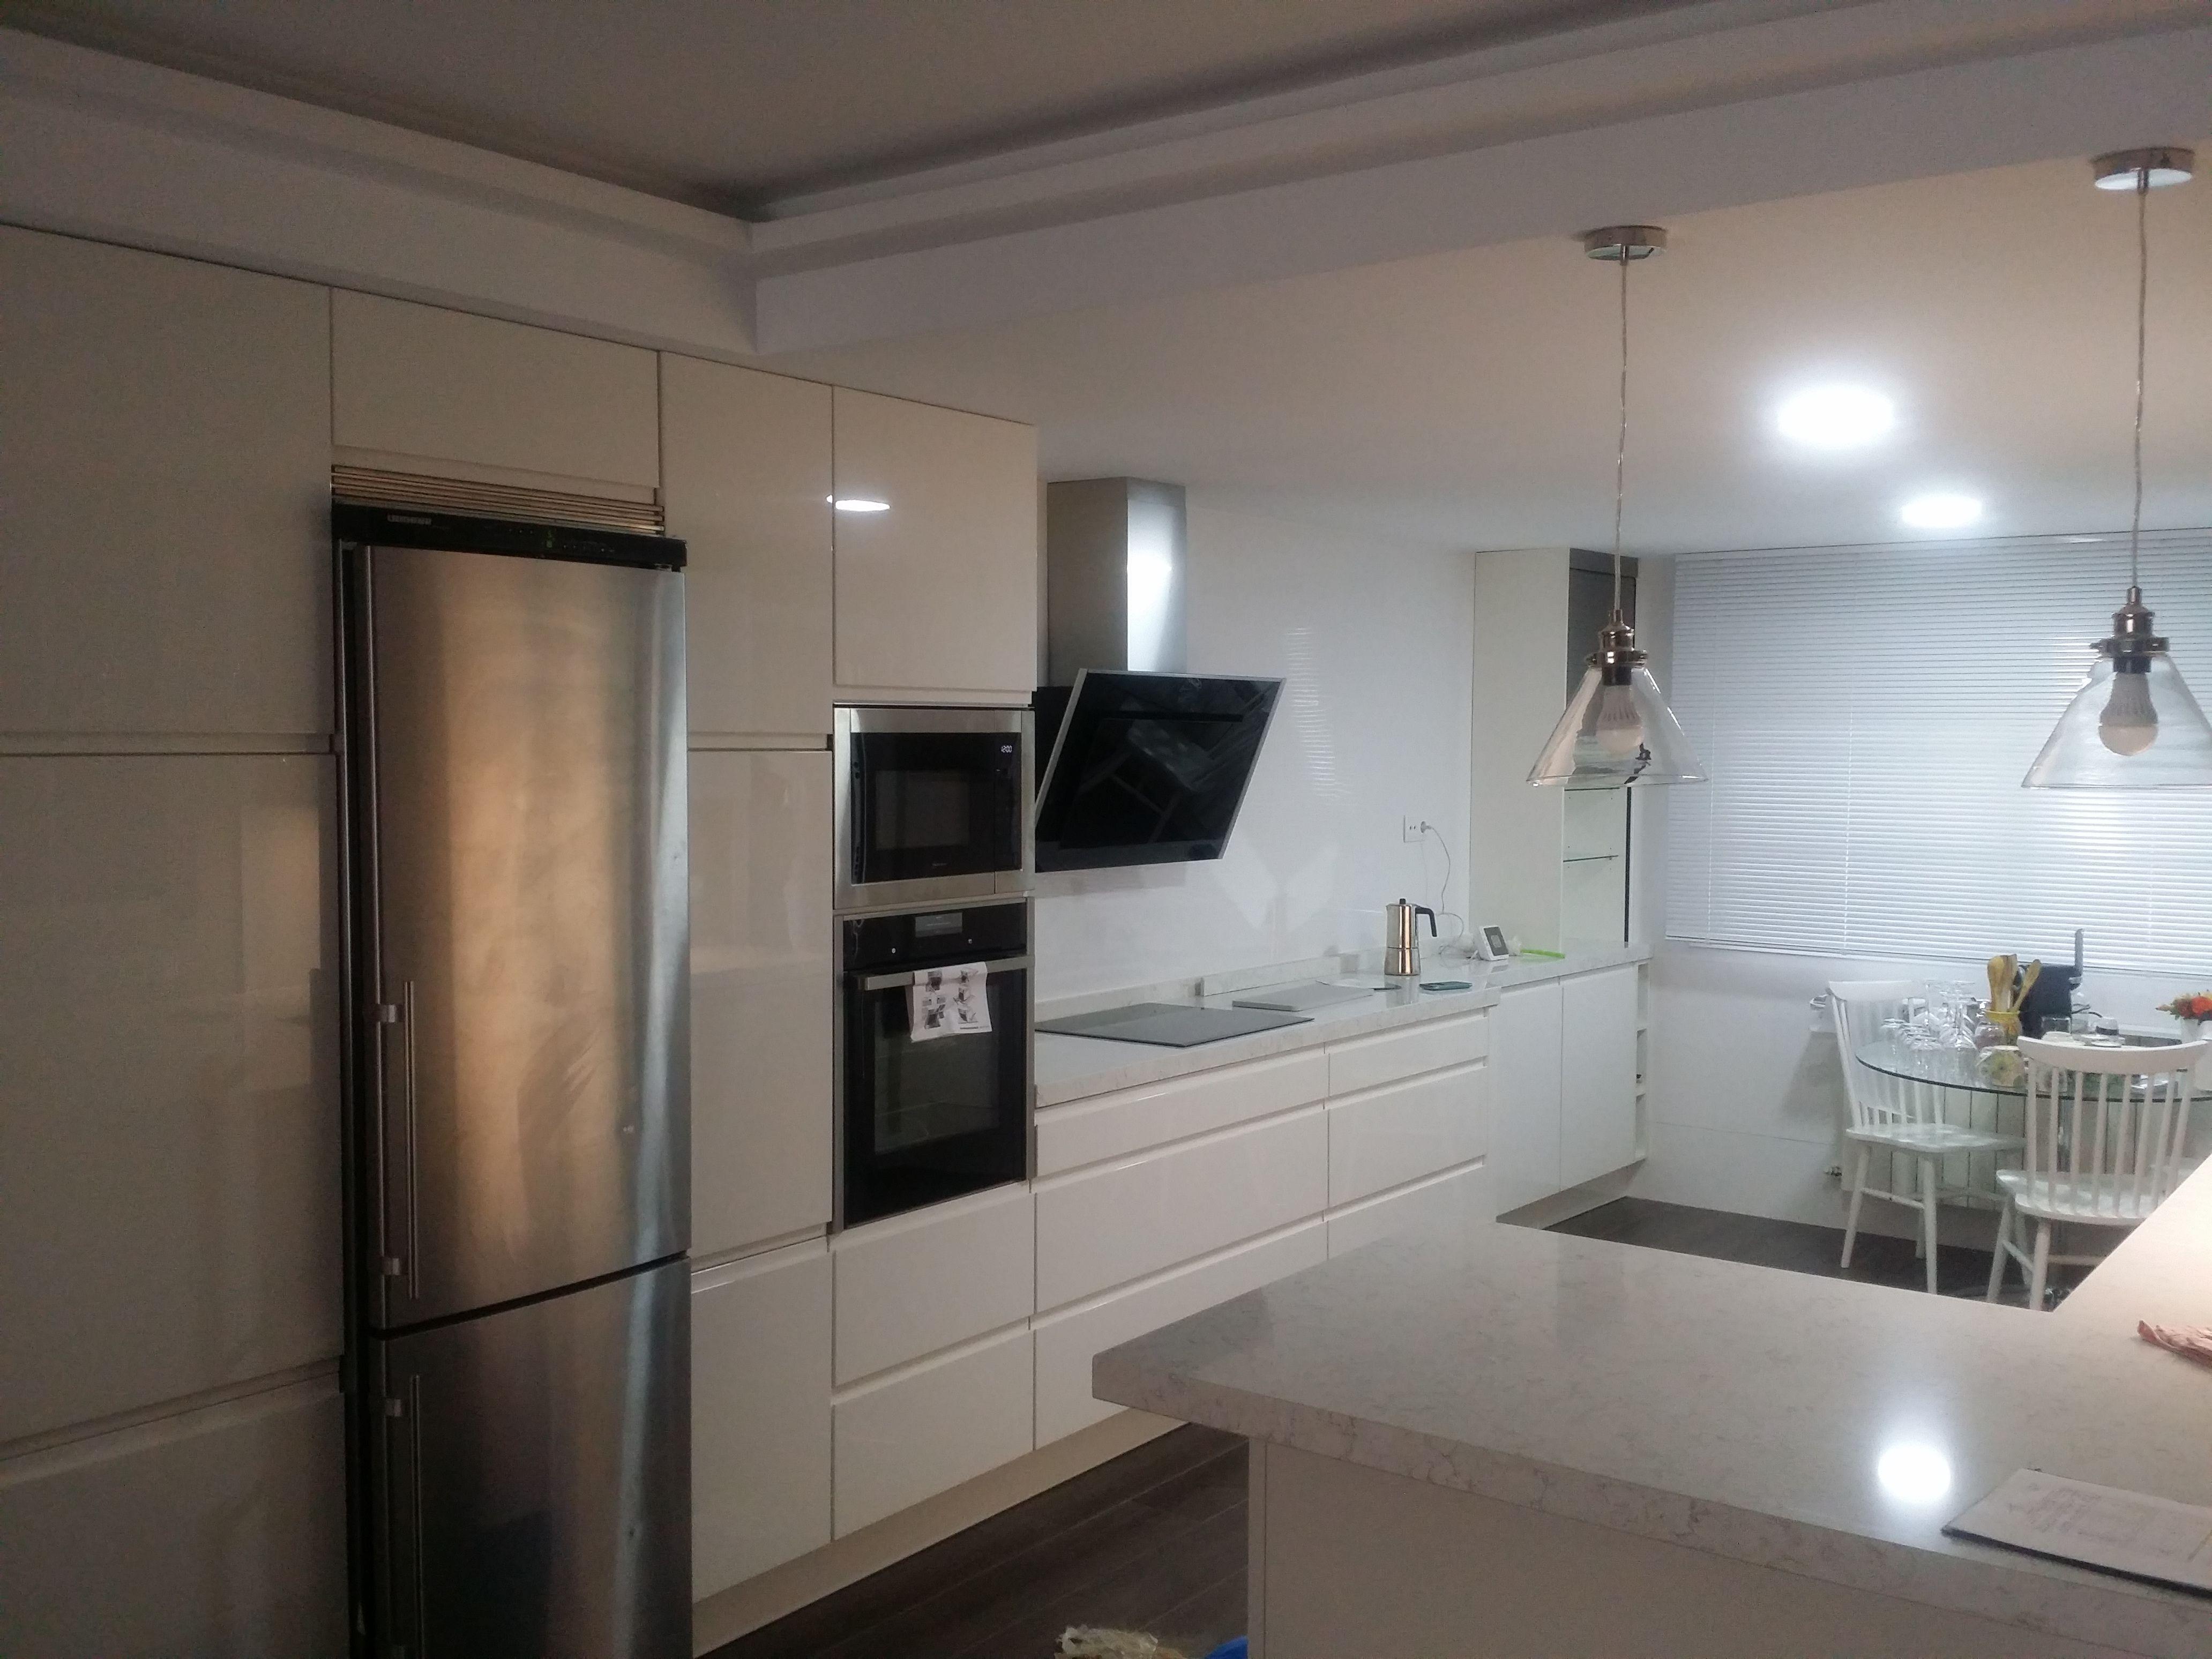 Cocinas econ micas productos de cocinas y montajes vos for Cocinas modulares economicas